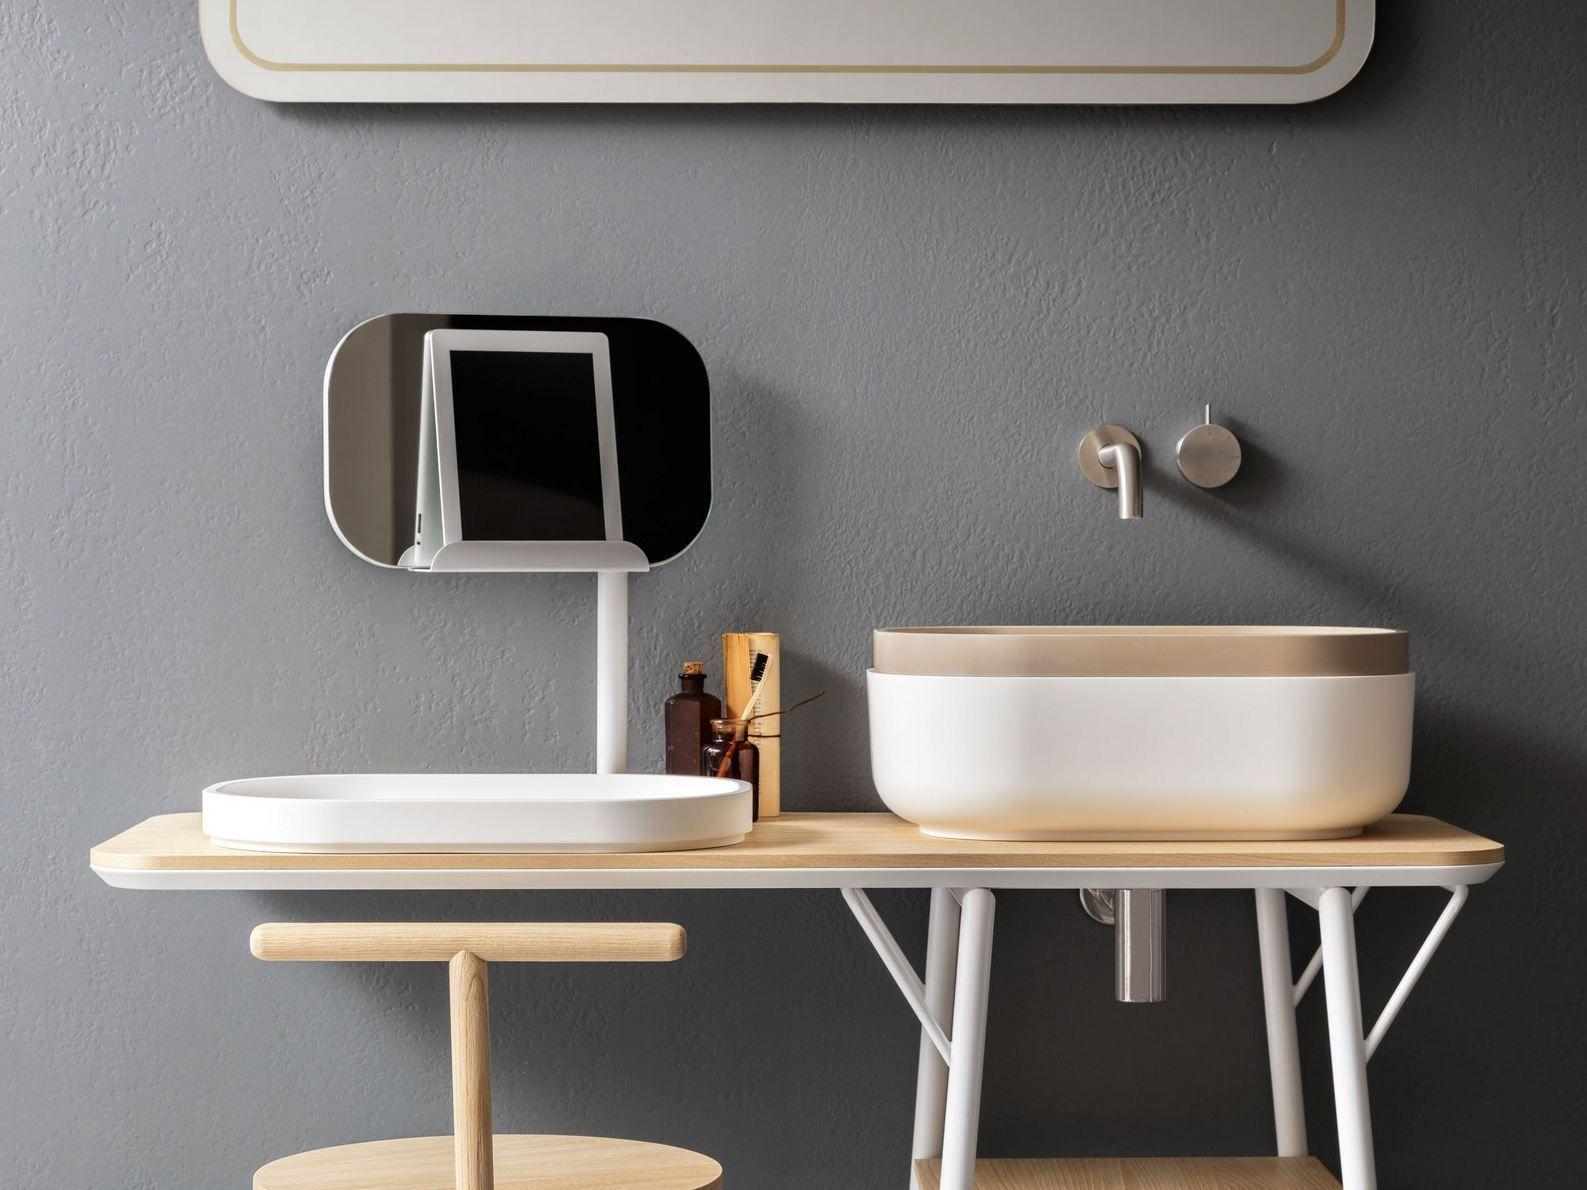 Oblon by novello design stefano cavazzana for Arredo bagno completo prezzi